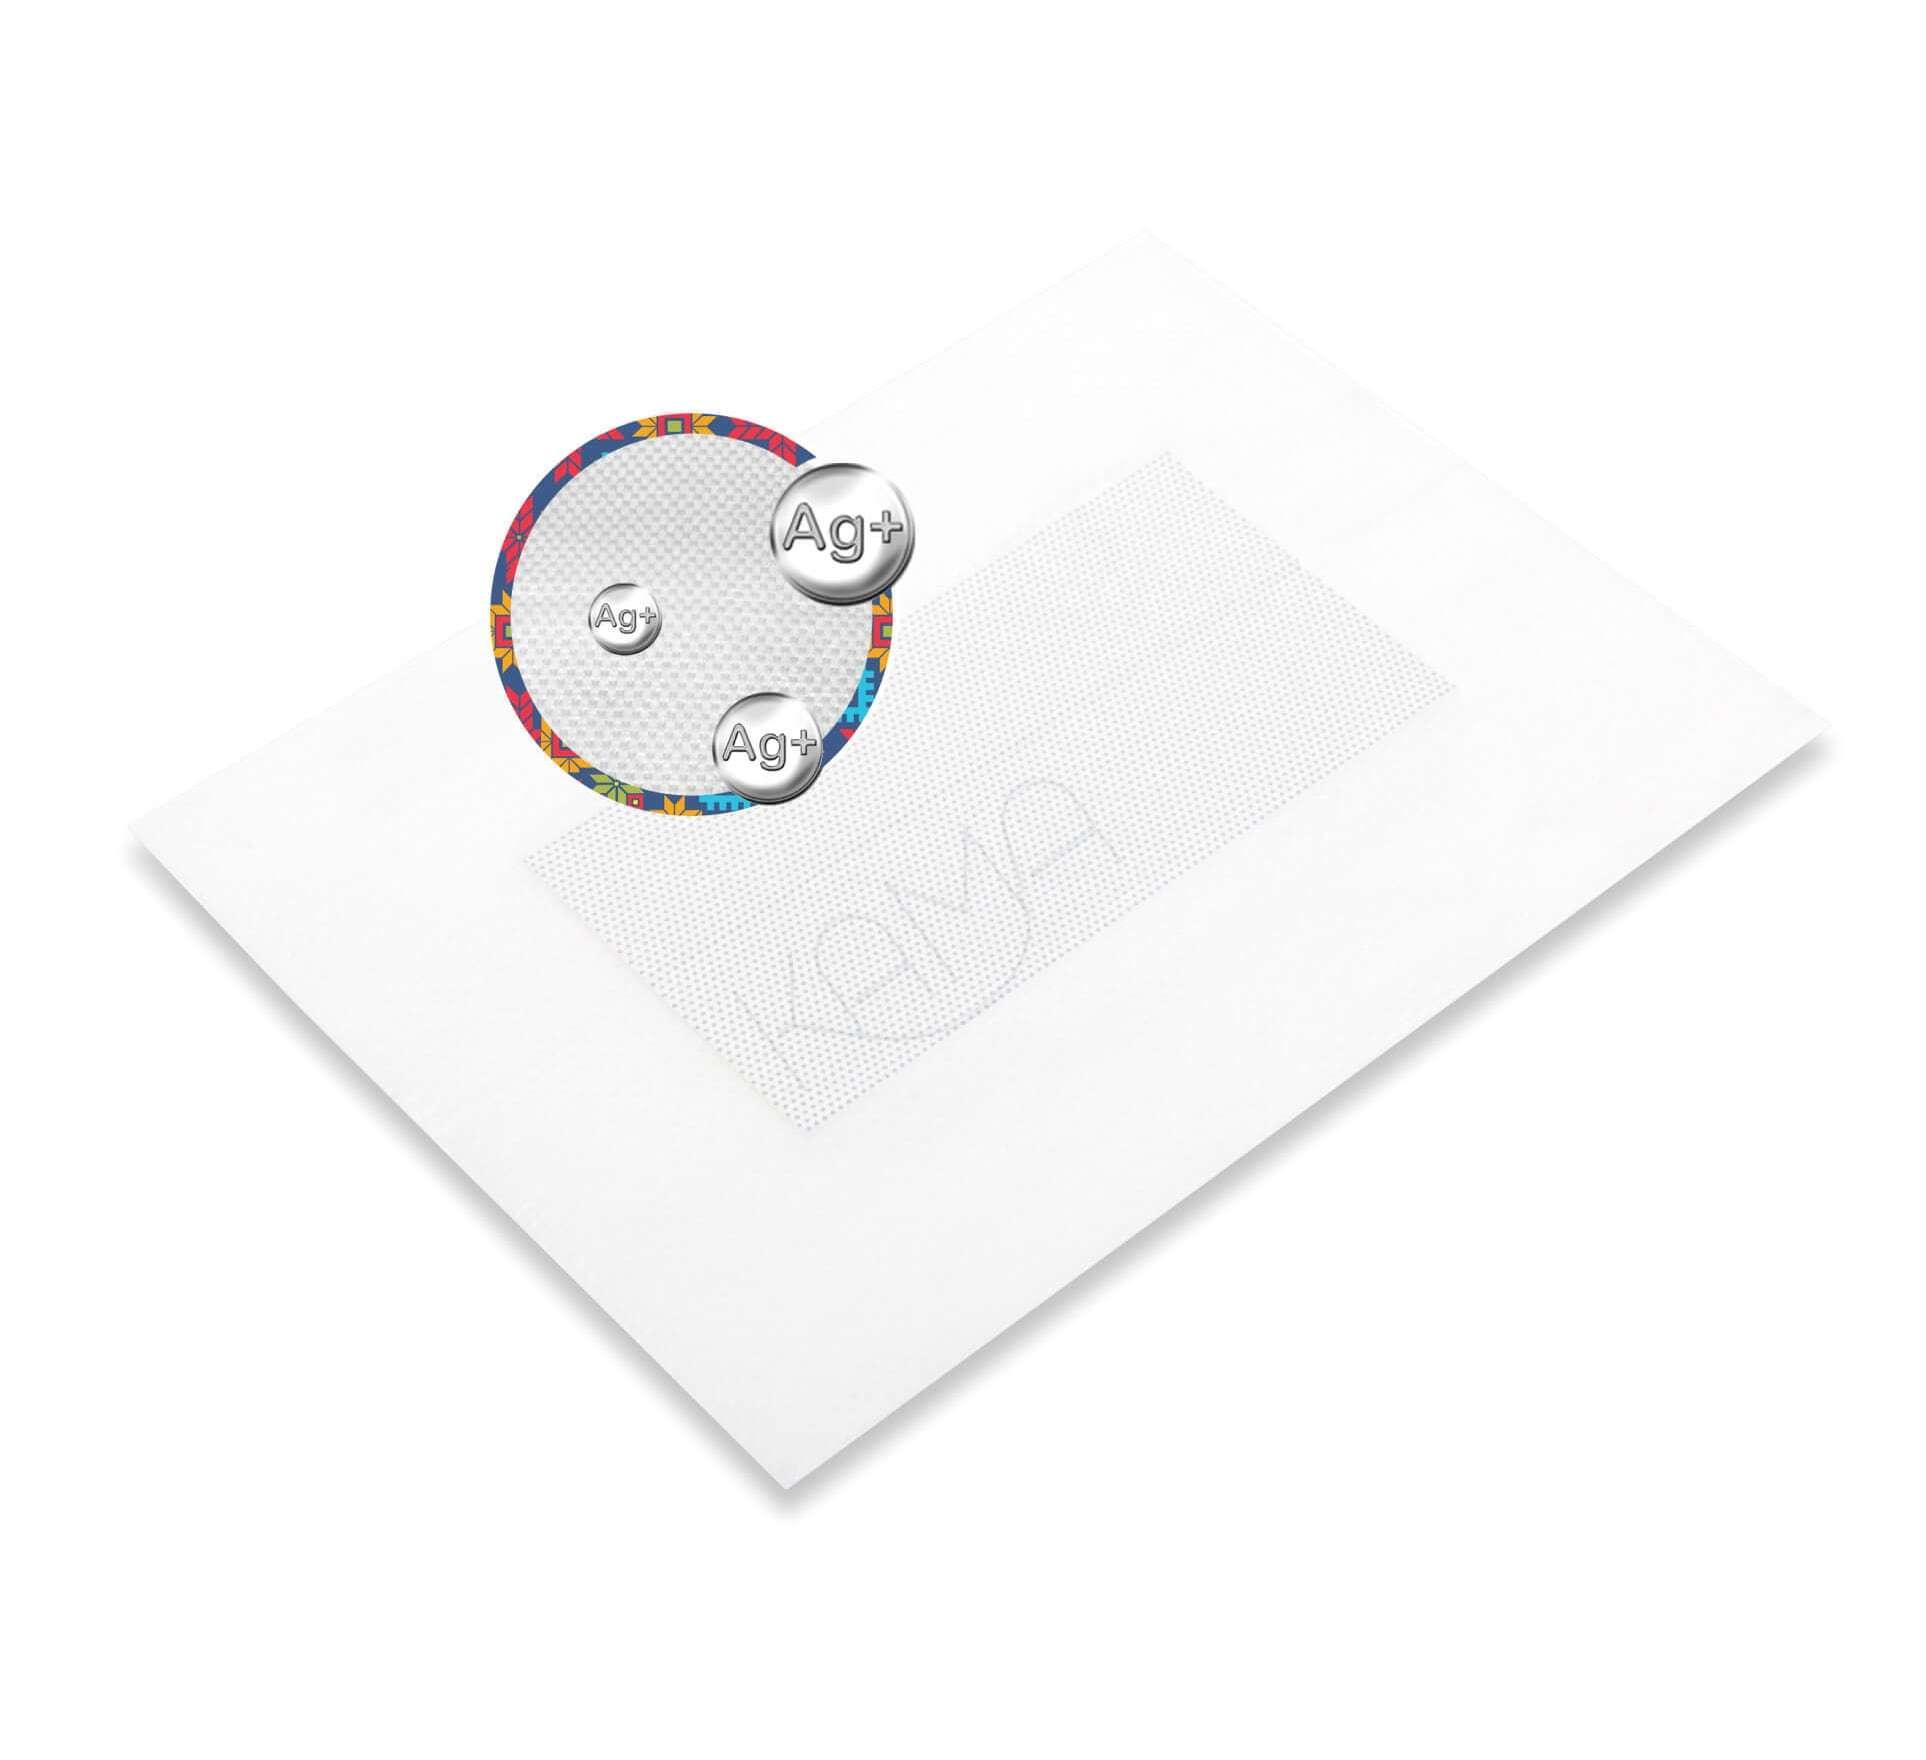 Повязка с серебром послеоперационная пластырная Барьер Аг 10x6 см